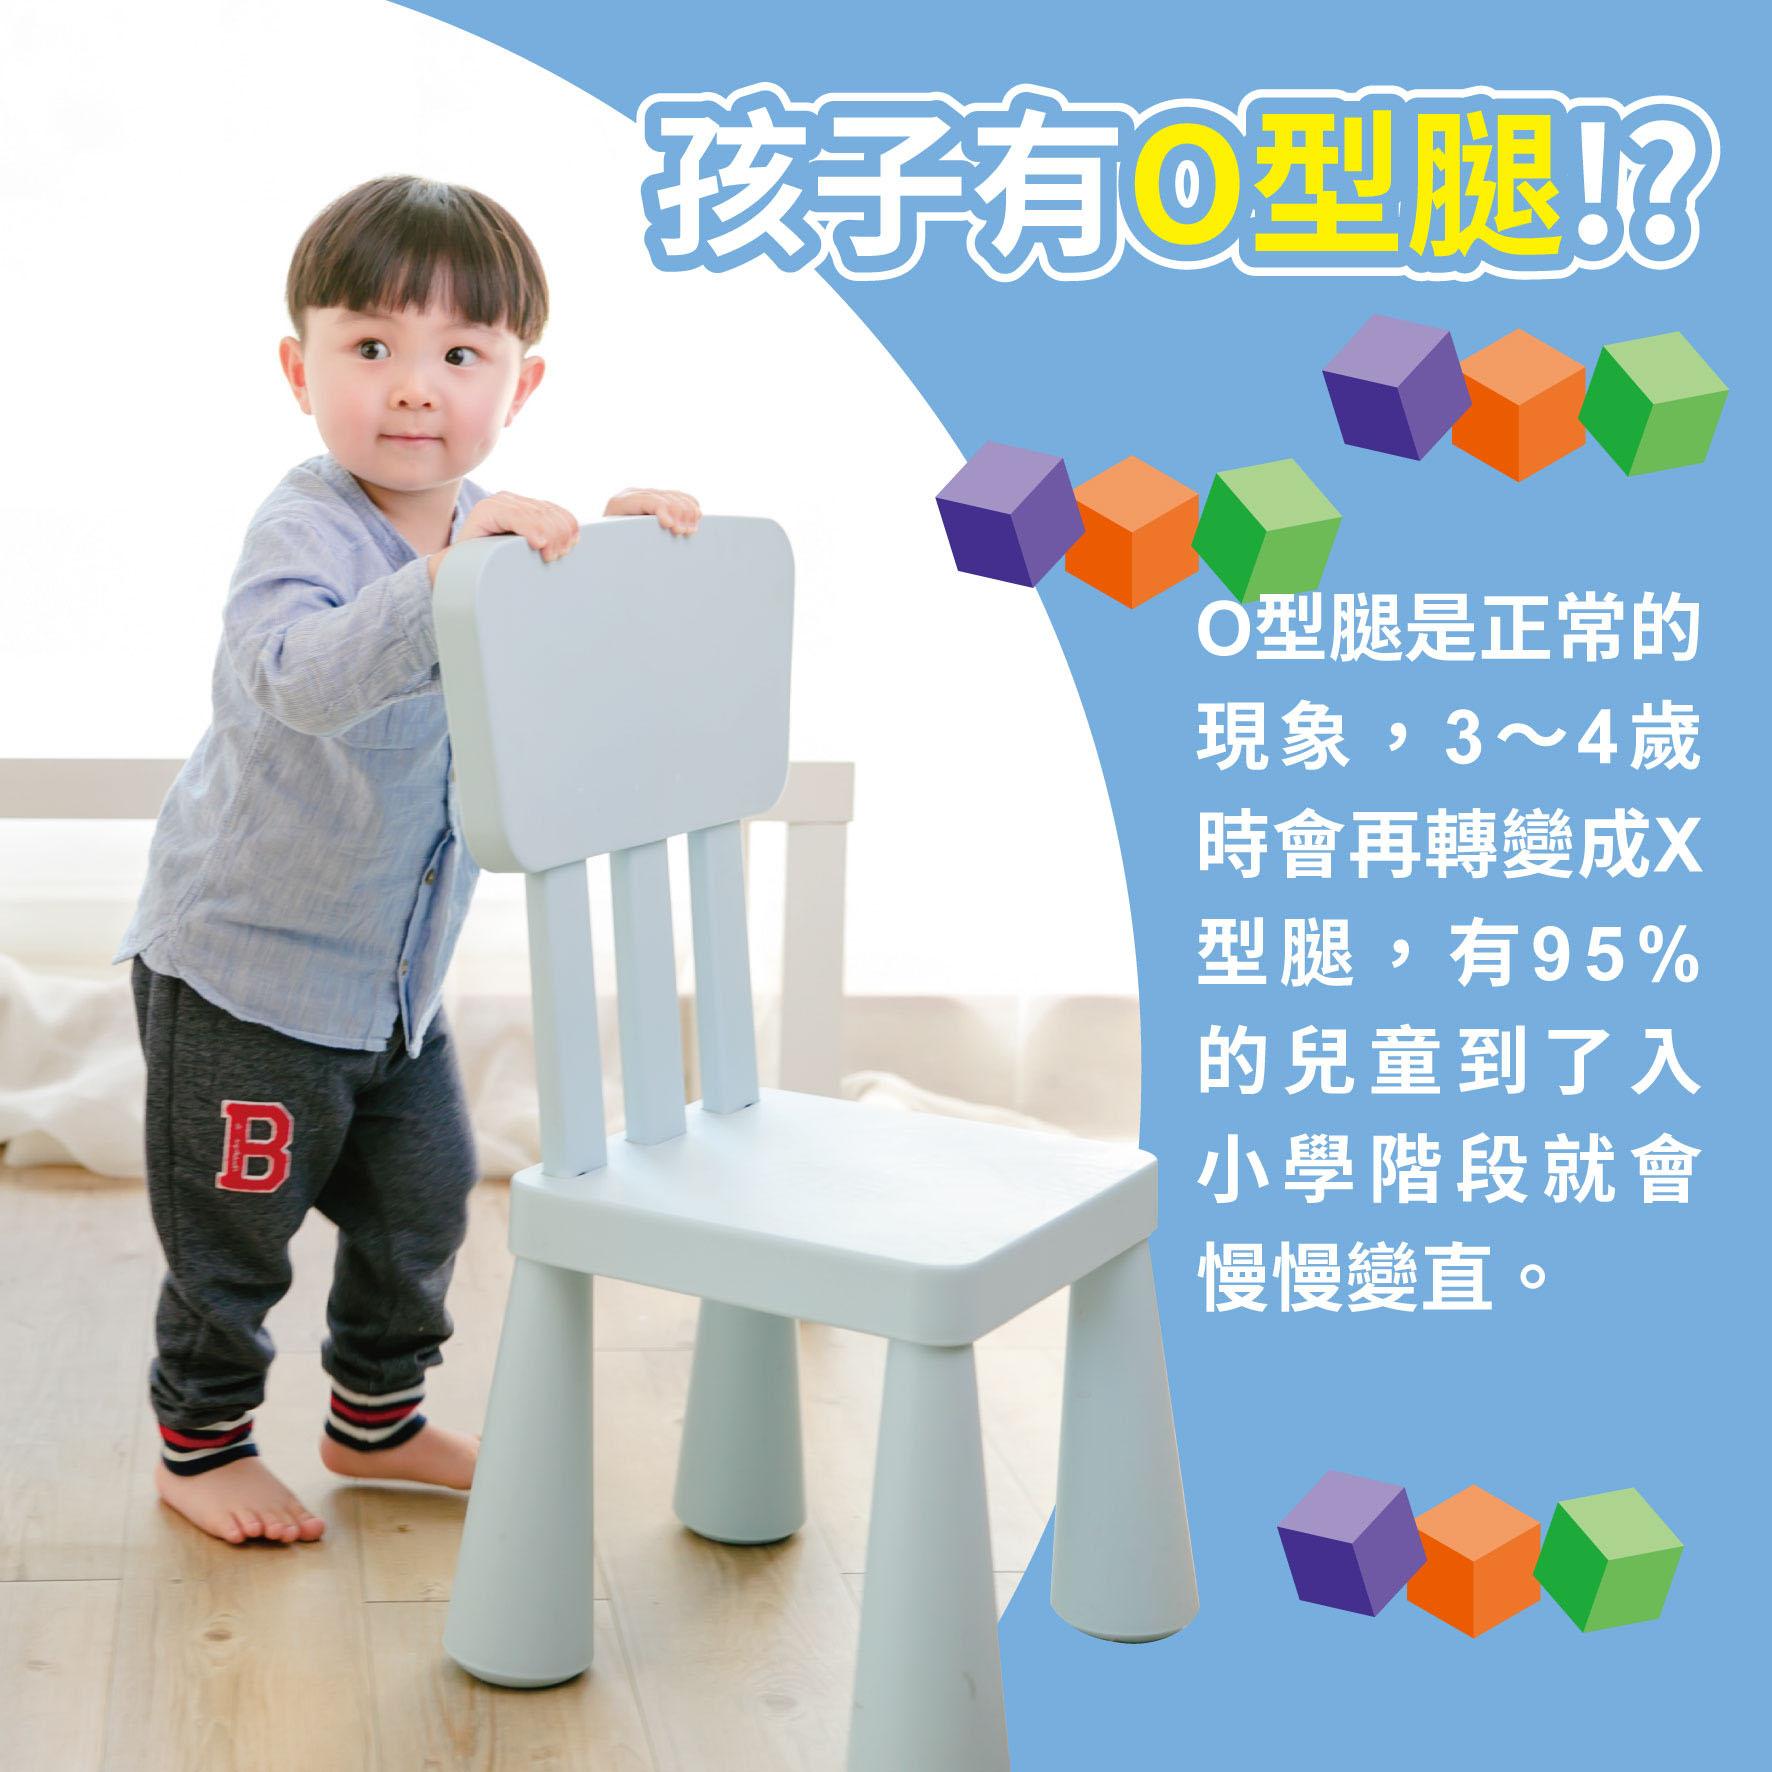 幼兒2歲(第46週)孩子有O型腿!?